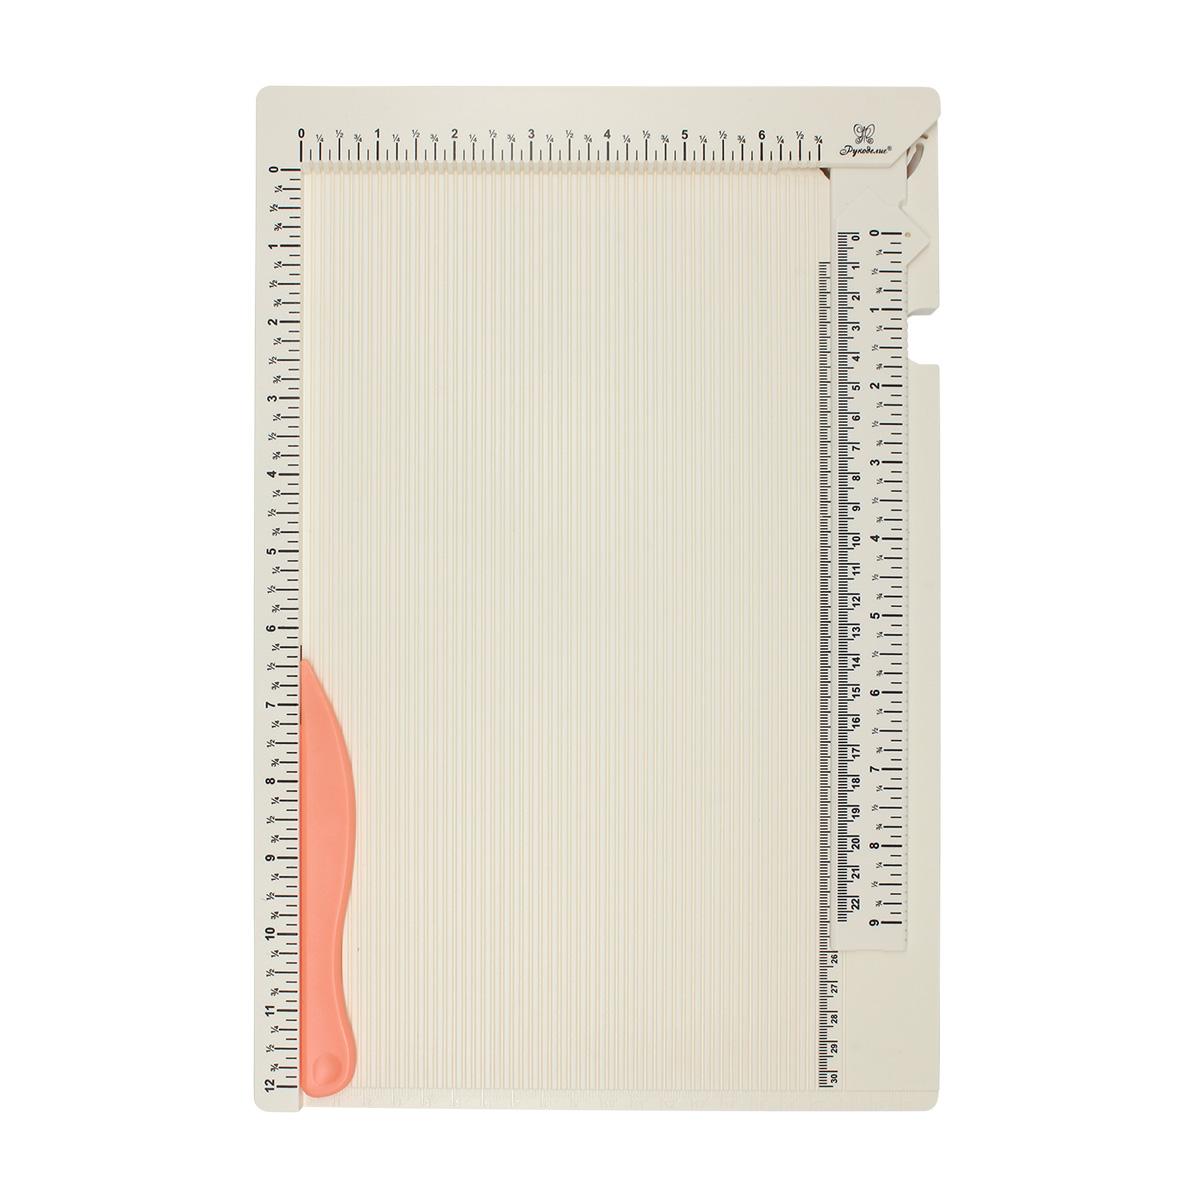 DDB-01 Доска для биговки многофункциональная 34,4*24*0,95см (Рукоделие)